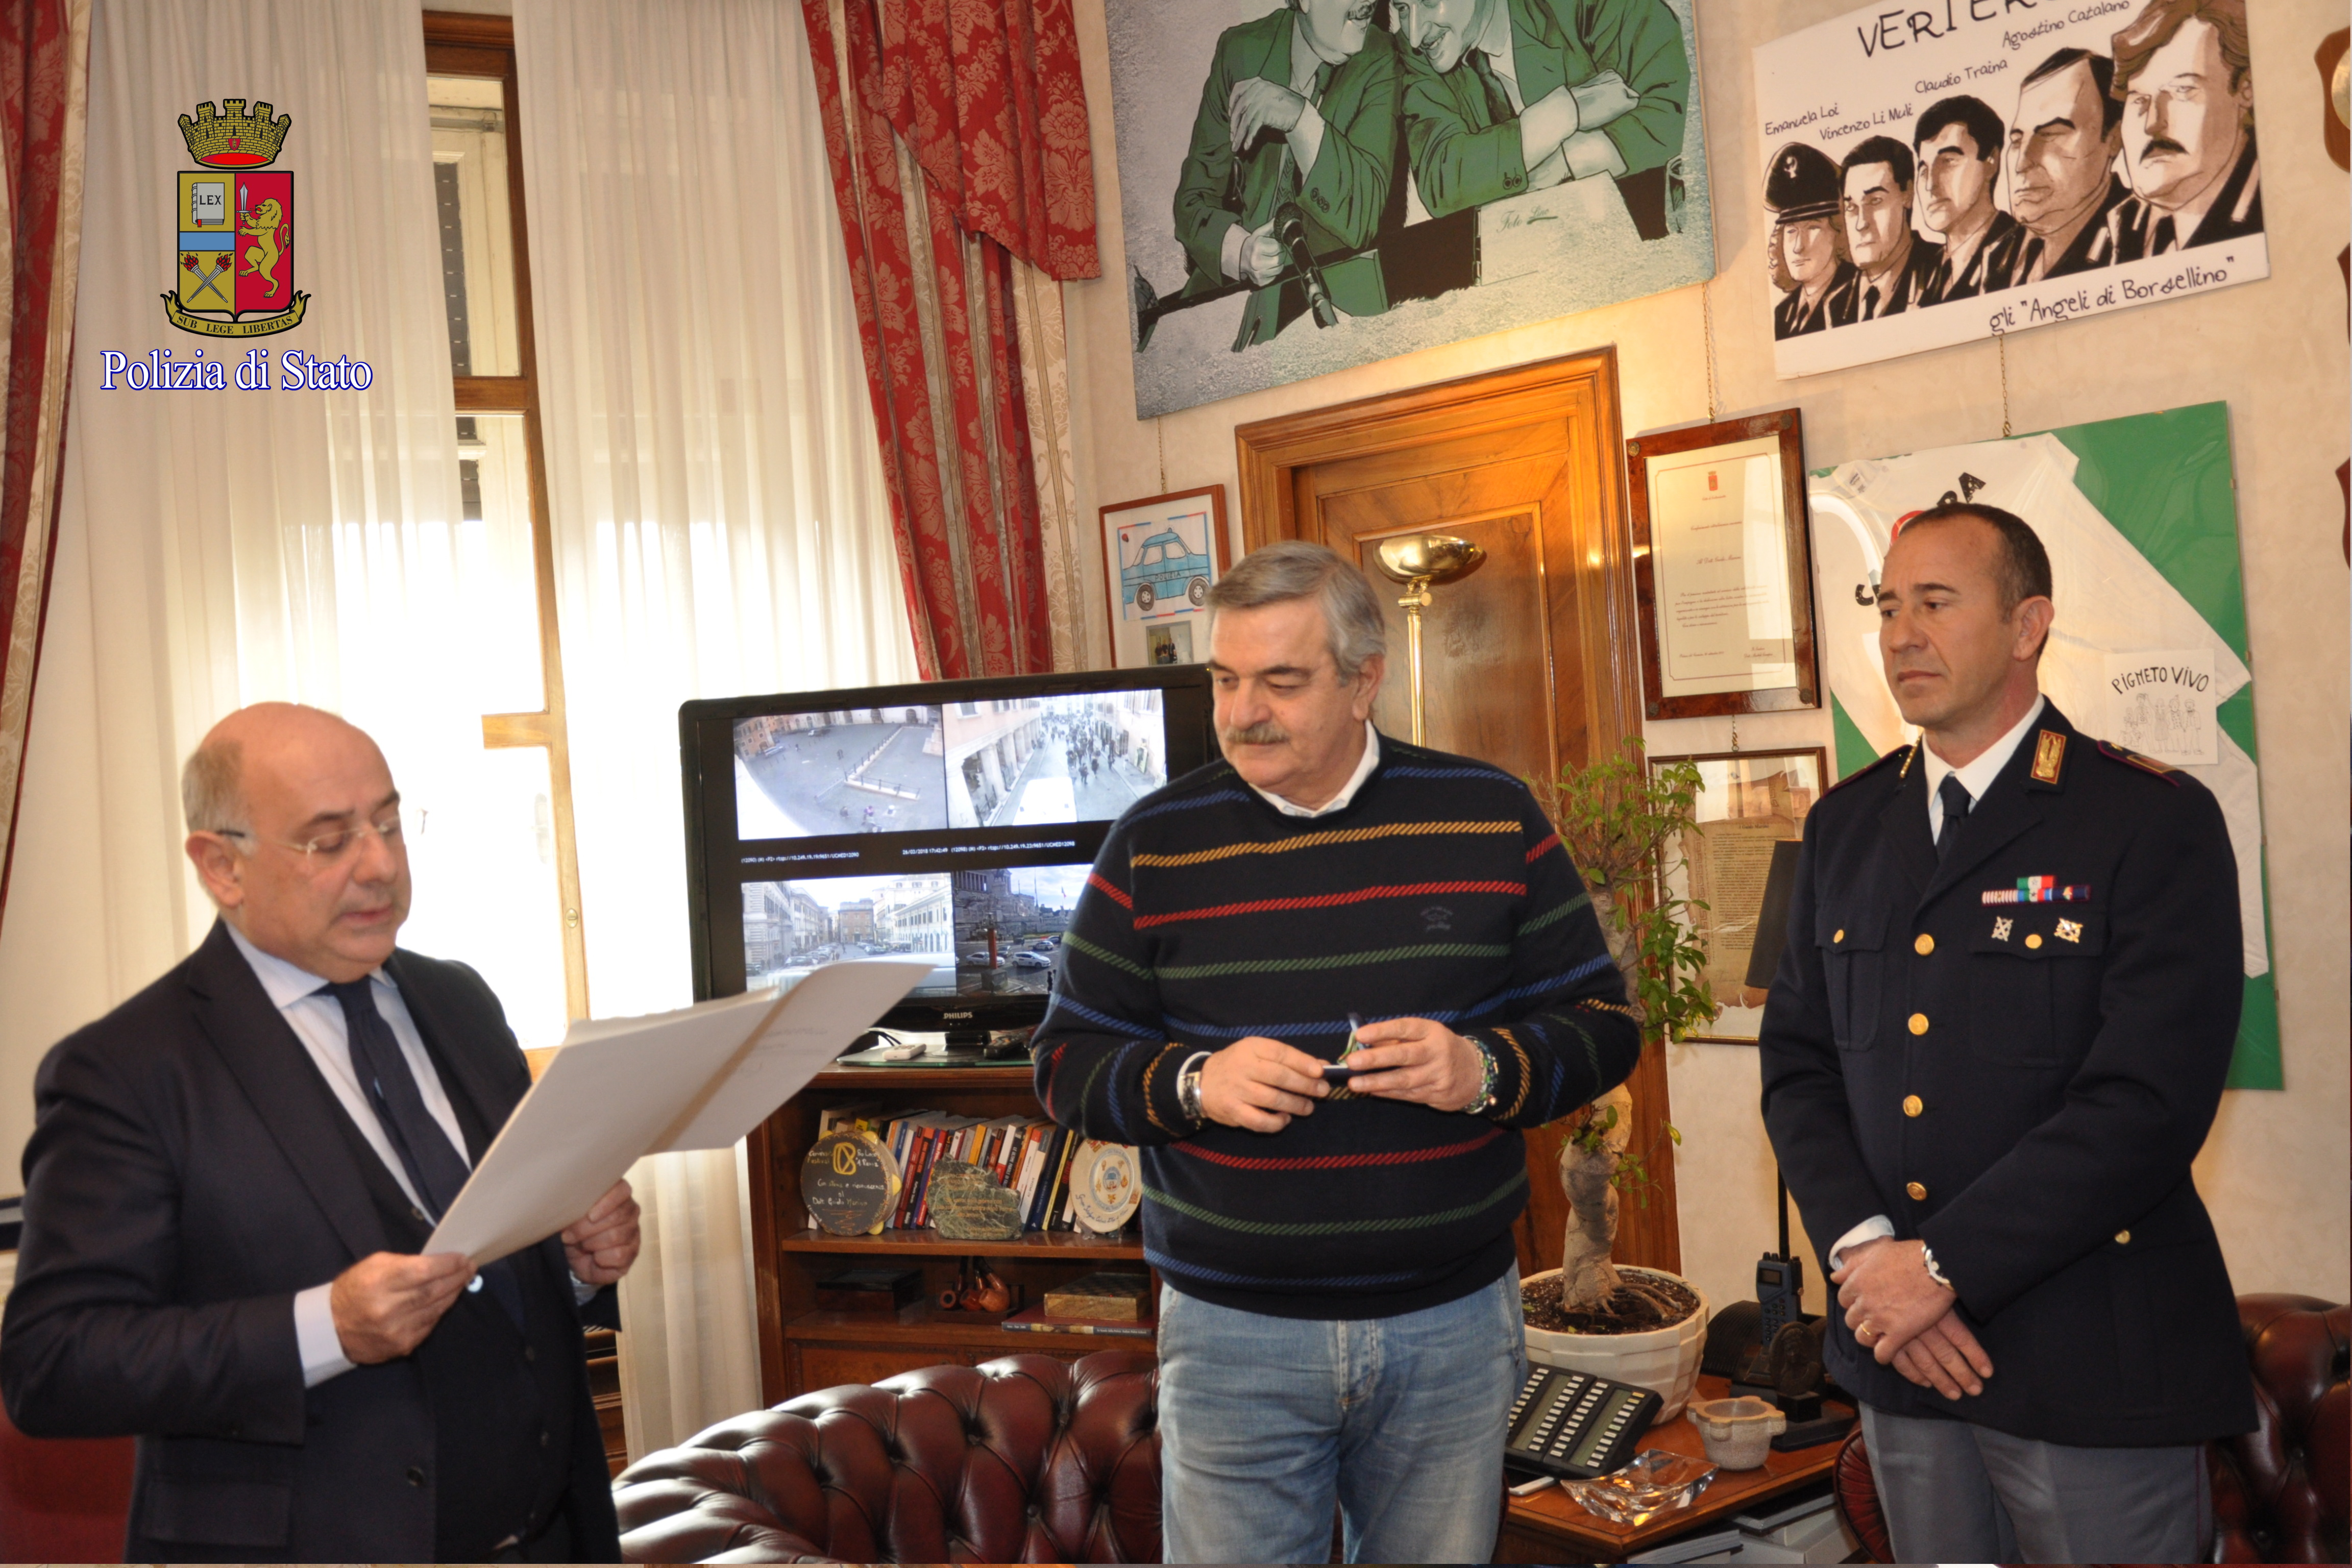 Polizia di stato questure sul web roma for Polizia di stato permesso di soggiorno